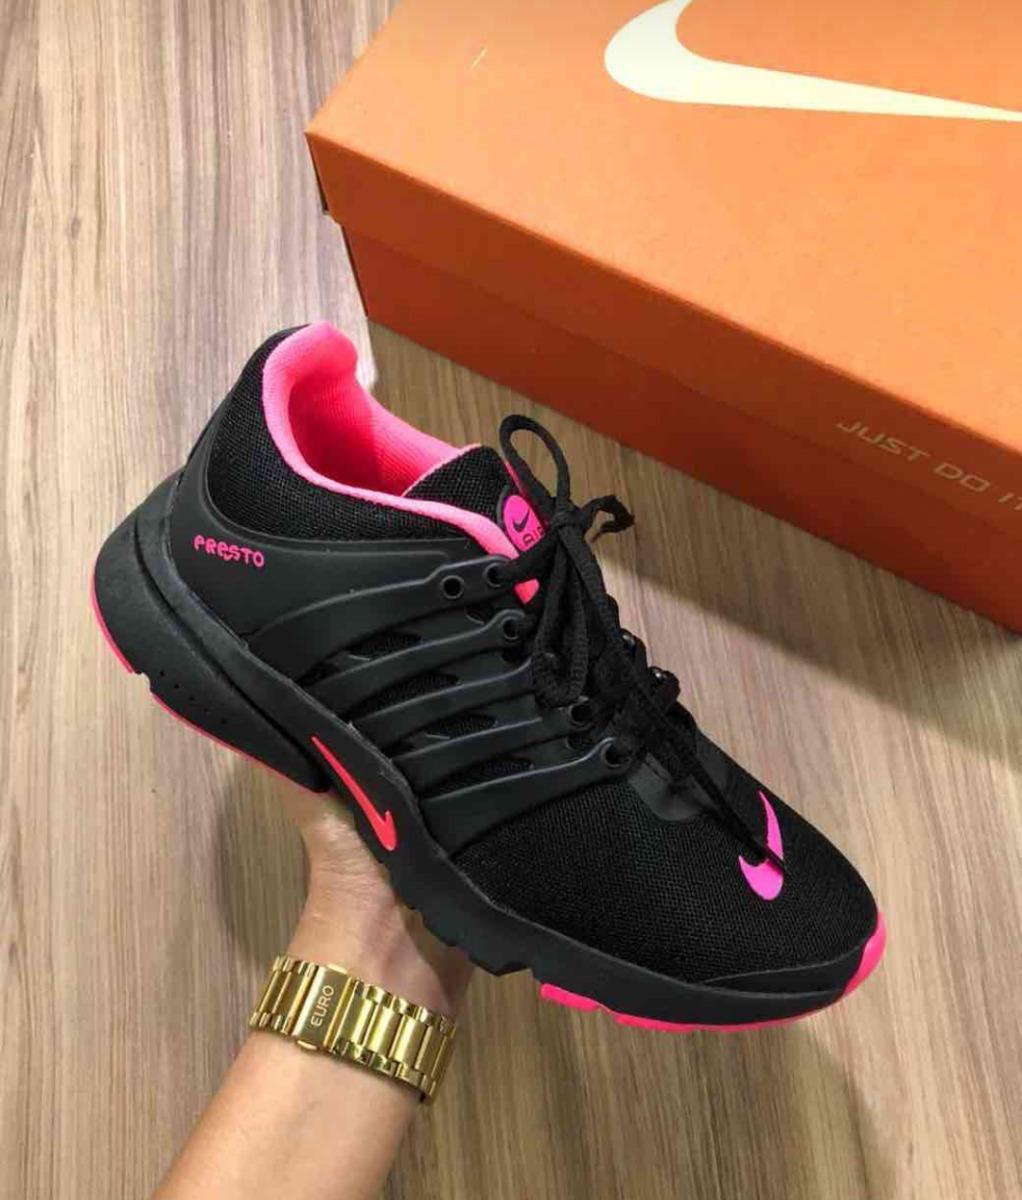 9fc24b34572 Tenis Feminino Caminhada Academia Promoção Compre Agora - R  79